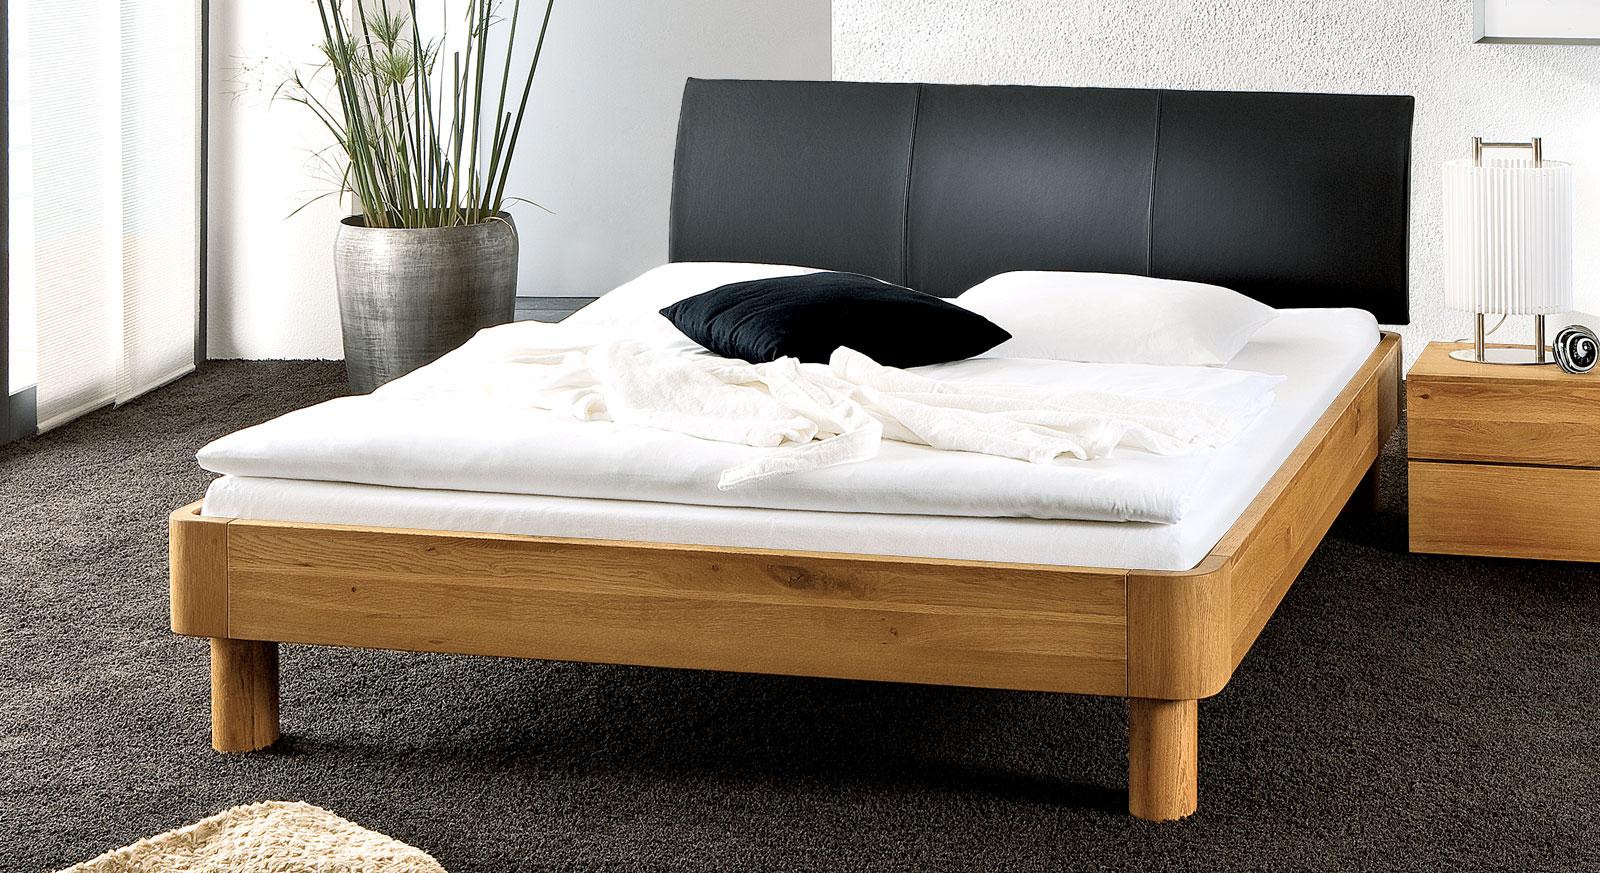 massivholzbett barbados in berl nge erh ltlich. Black Bedroom Furniture Sets. Home Design Ideas